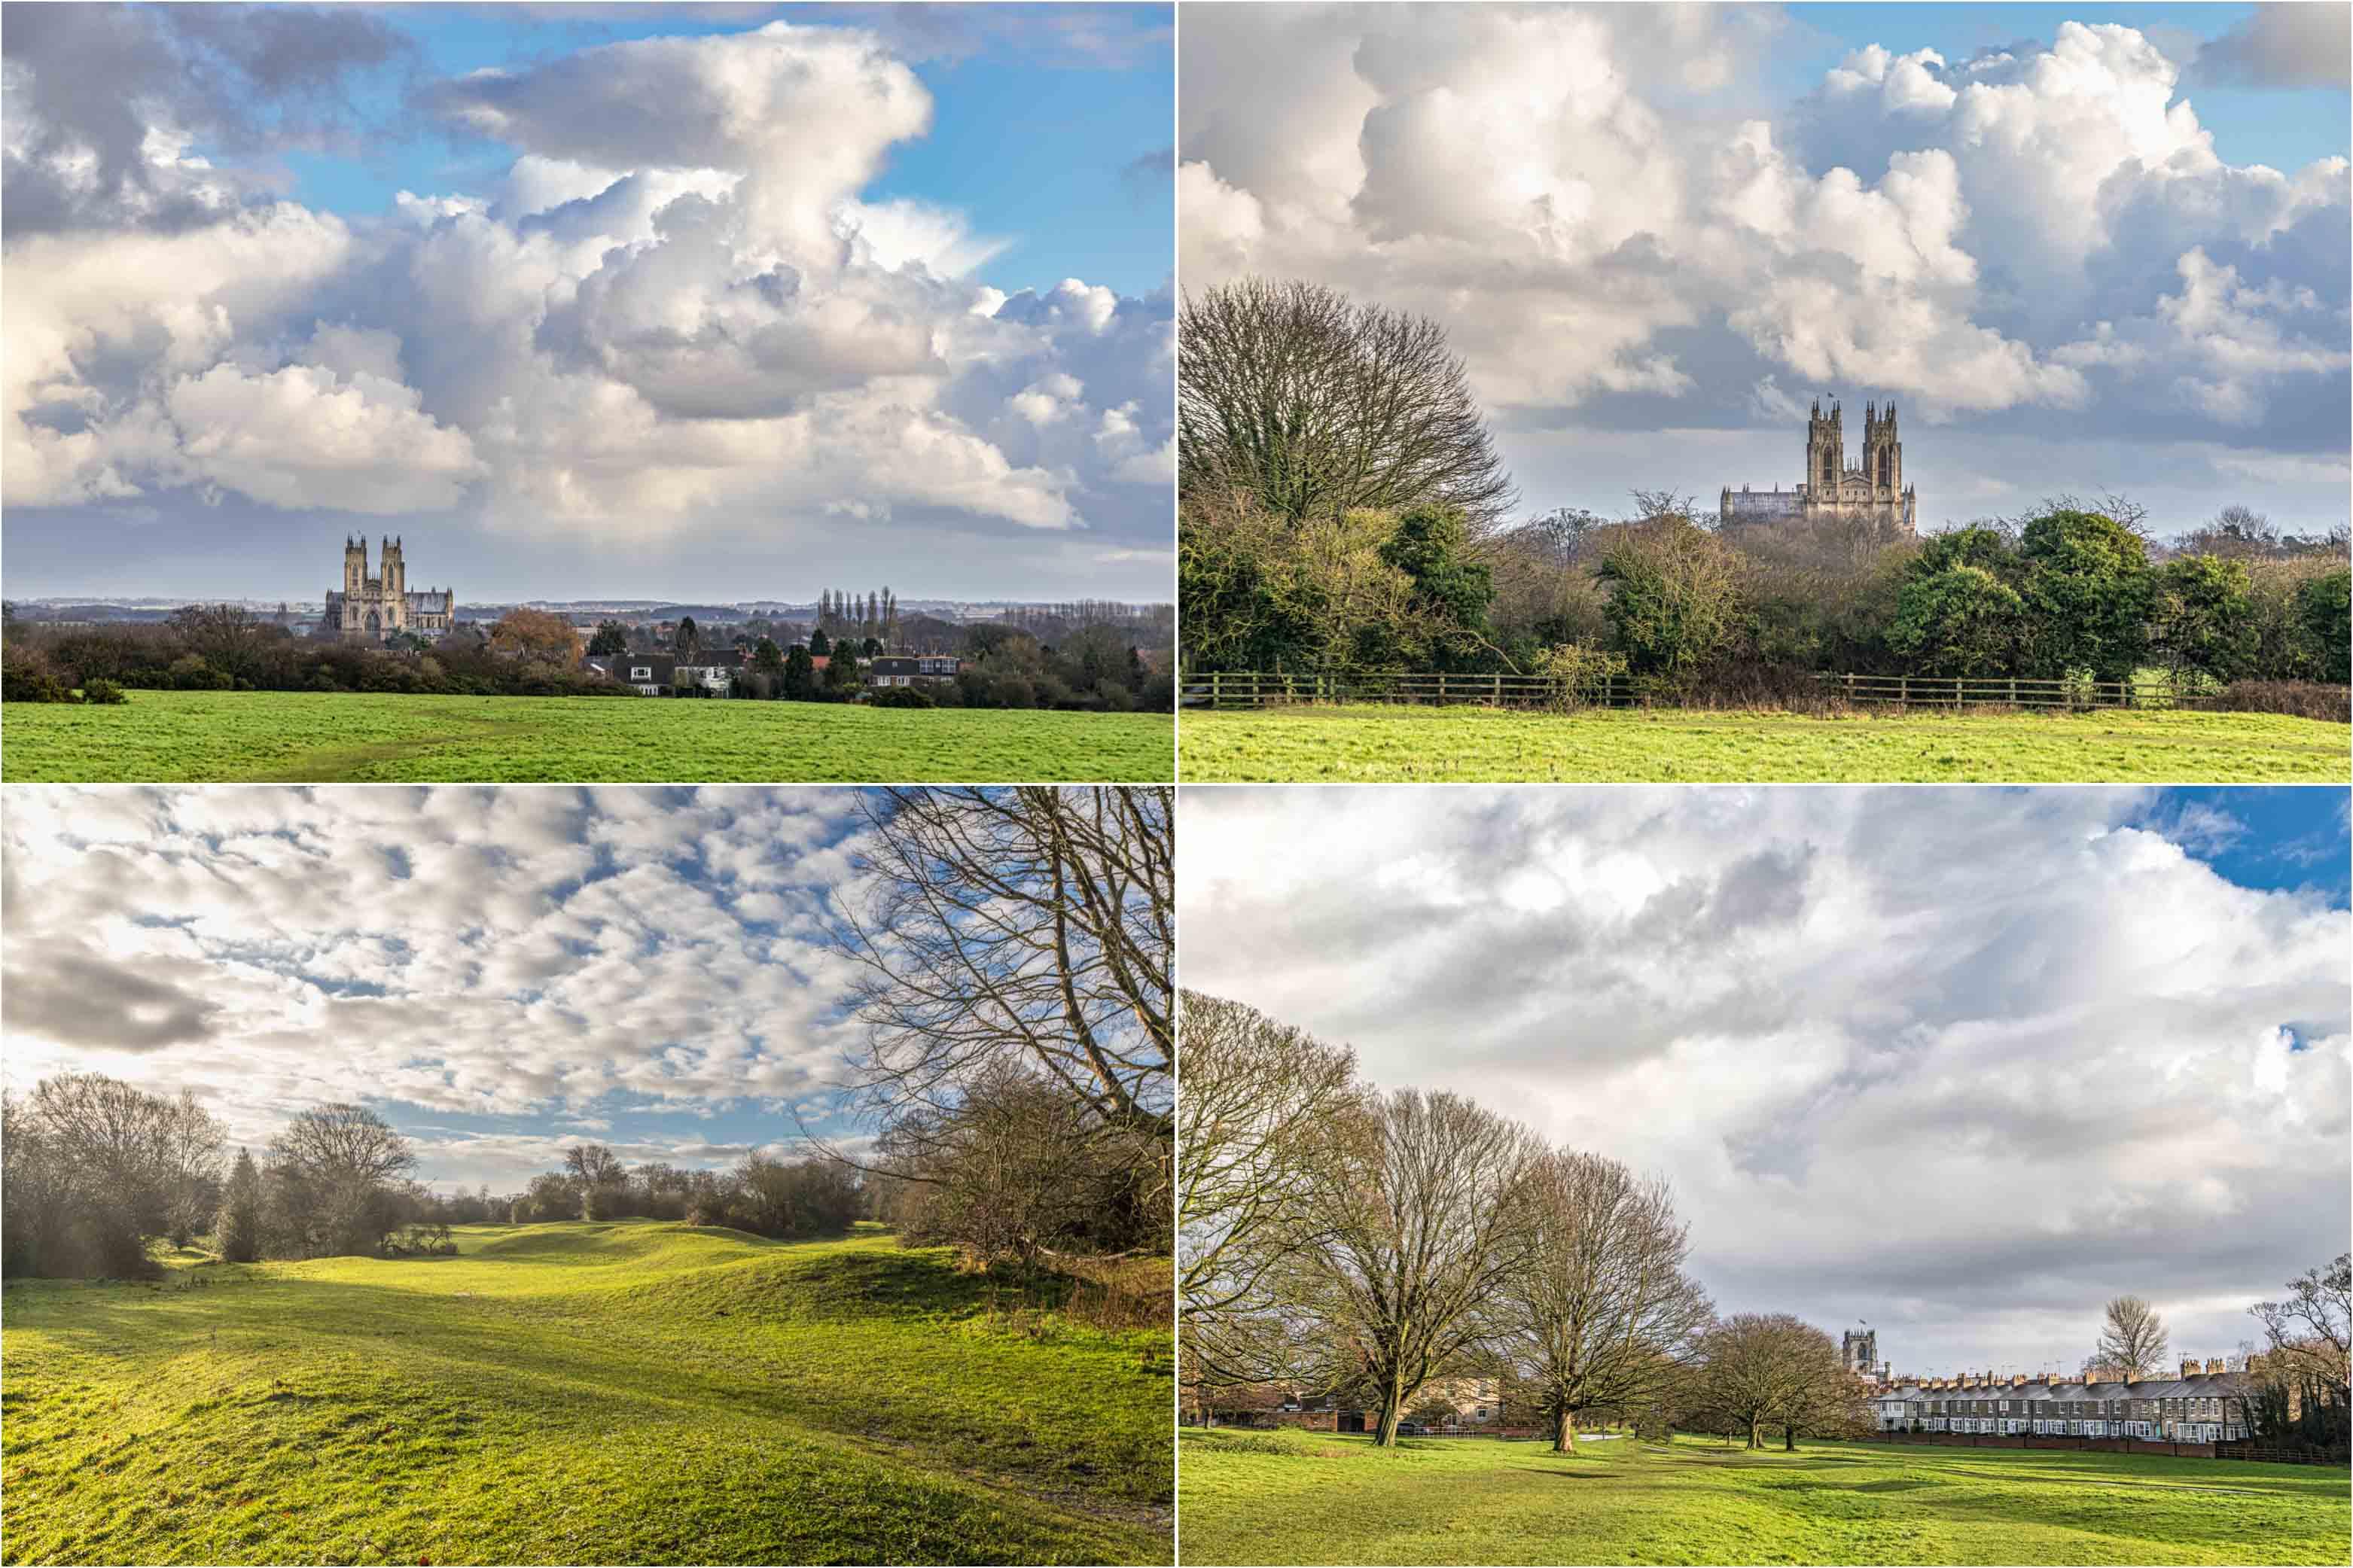 Beverley Westwood, Beverley Minster